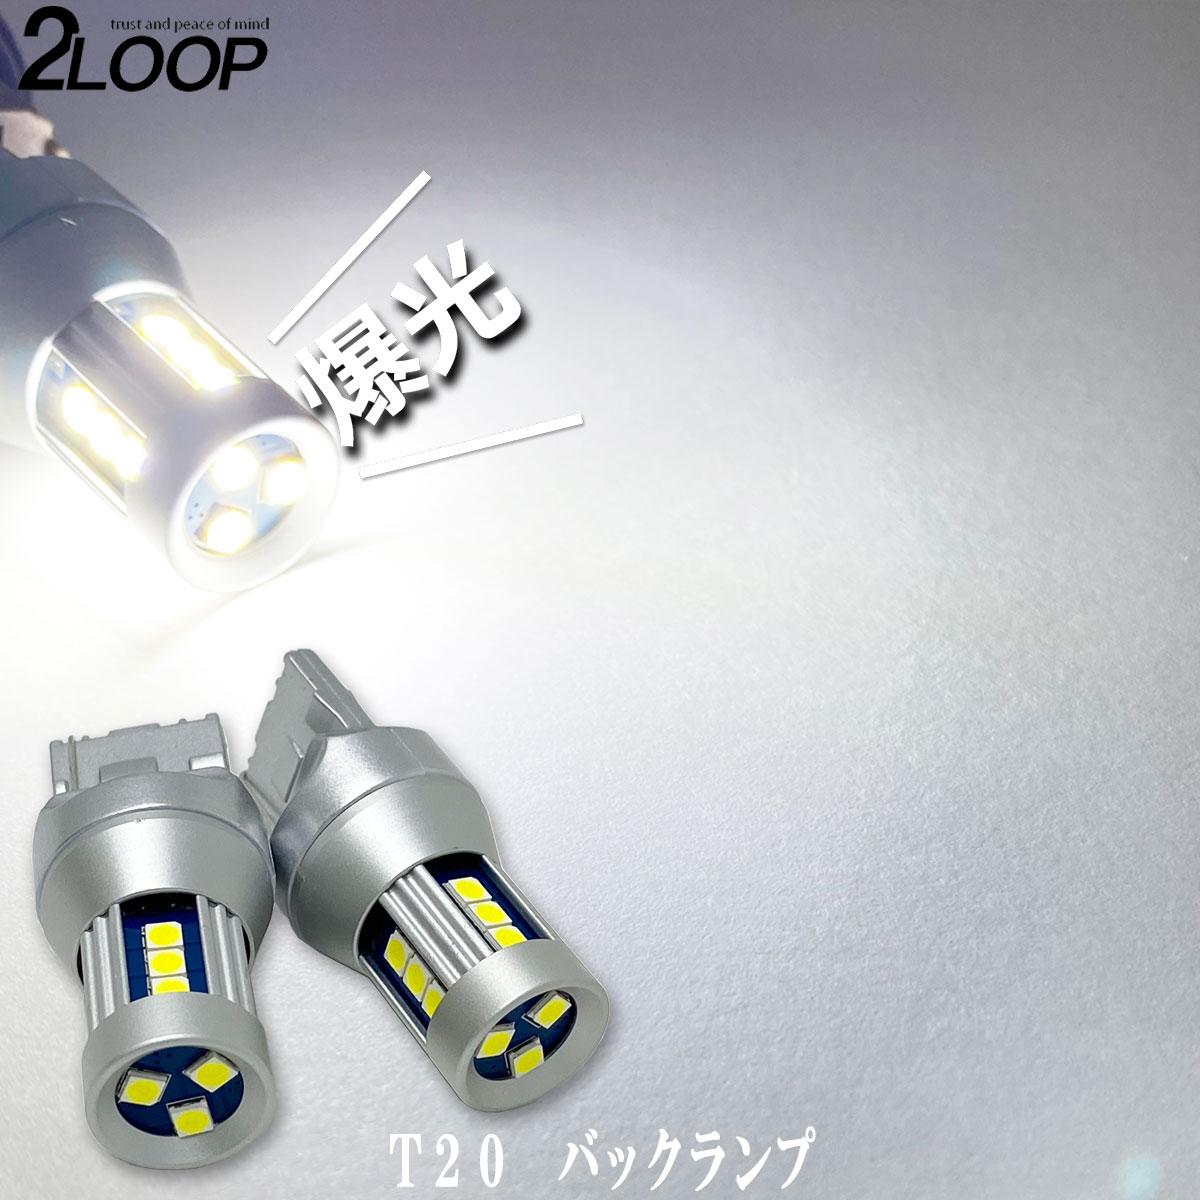 あす楽可 直視厳禁 視認性抜群 カスタム バックランプ 明るく 純正バルブを抜いて差し替えるだけ かっこいい まばゆい光 定番の 白 ホワイト 純白光 車検対応 LED led球 業界No.1 6000Kクラスの 3030 綺麗な光 ウェッジ球 2個セット 爆光 T20 チップSMD 15連 t20 シングル球 1年保証 お値打ち価格で